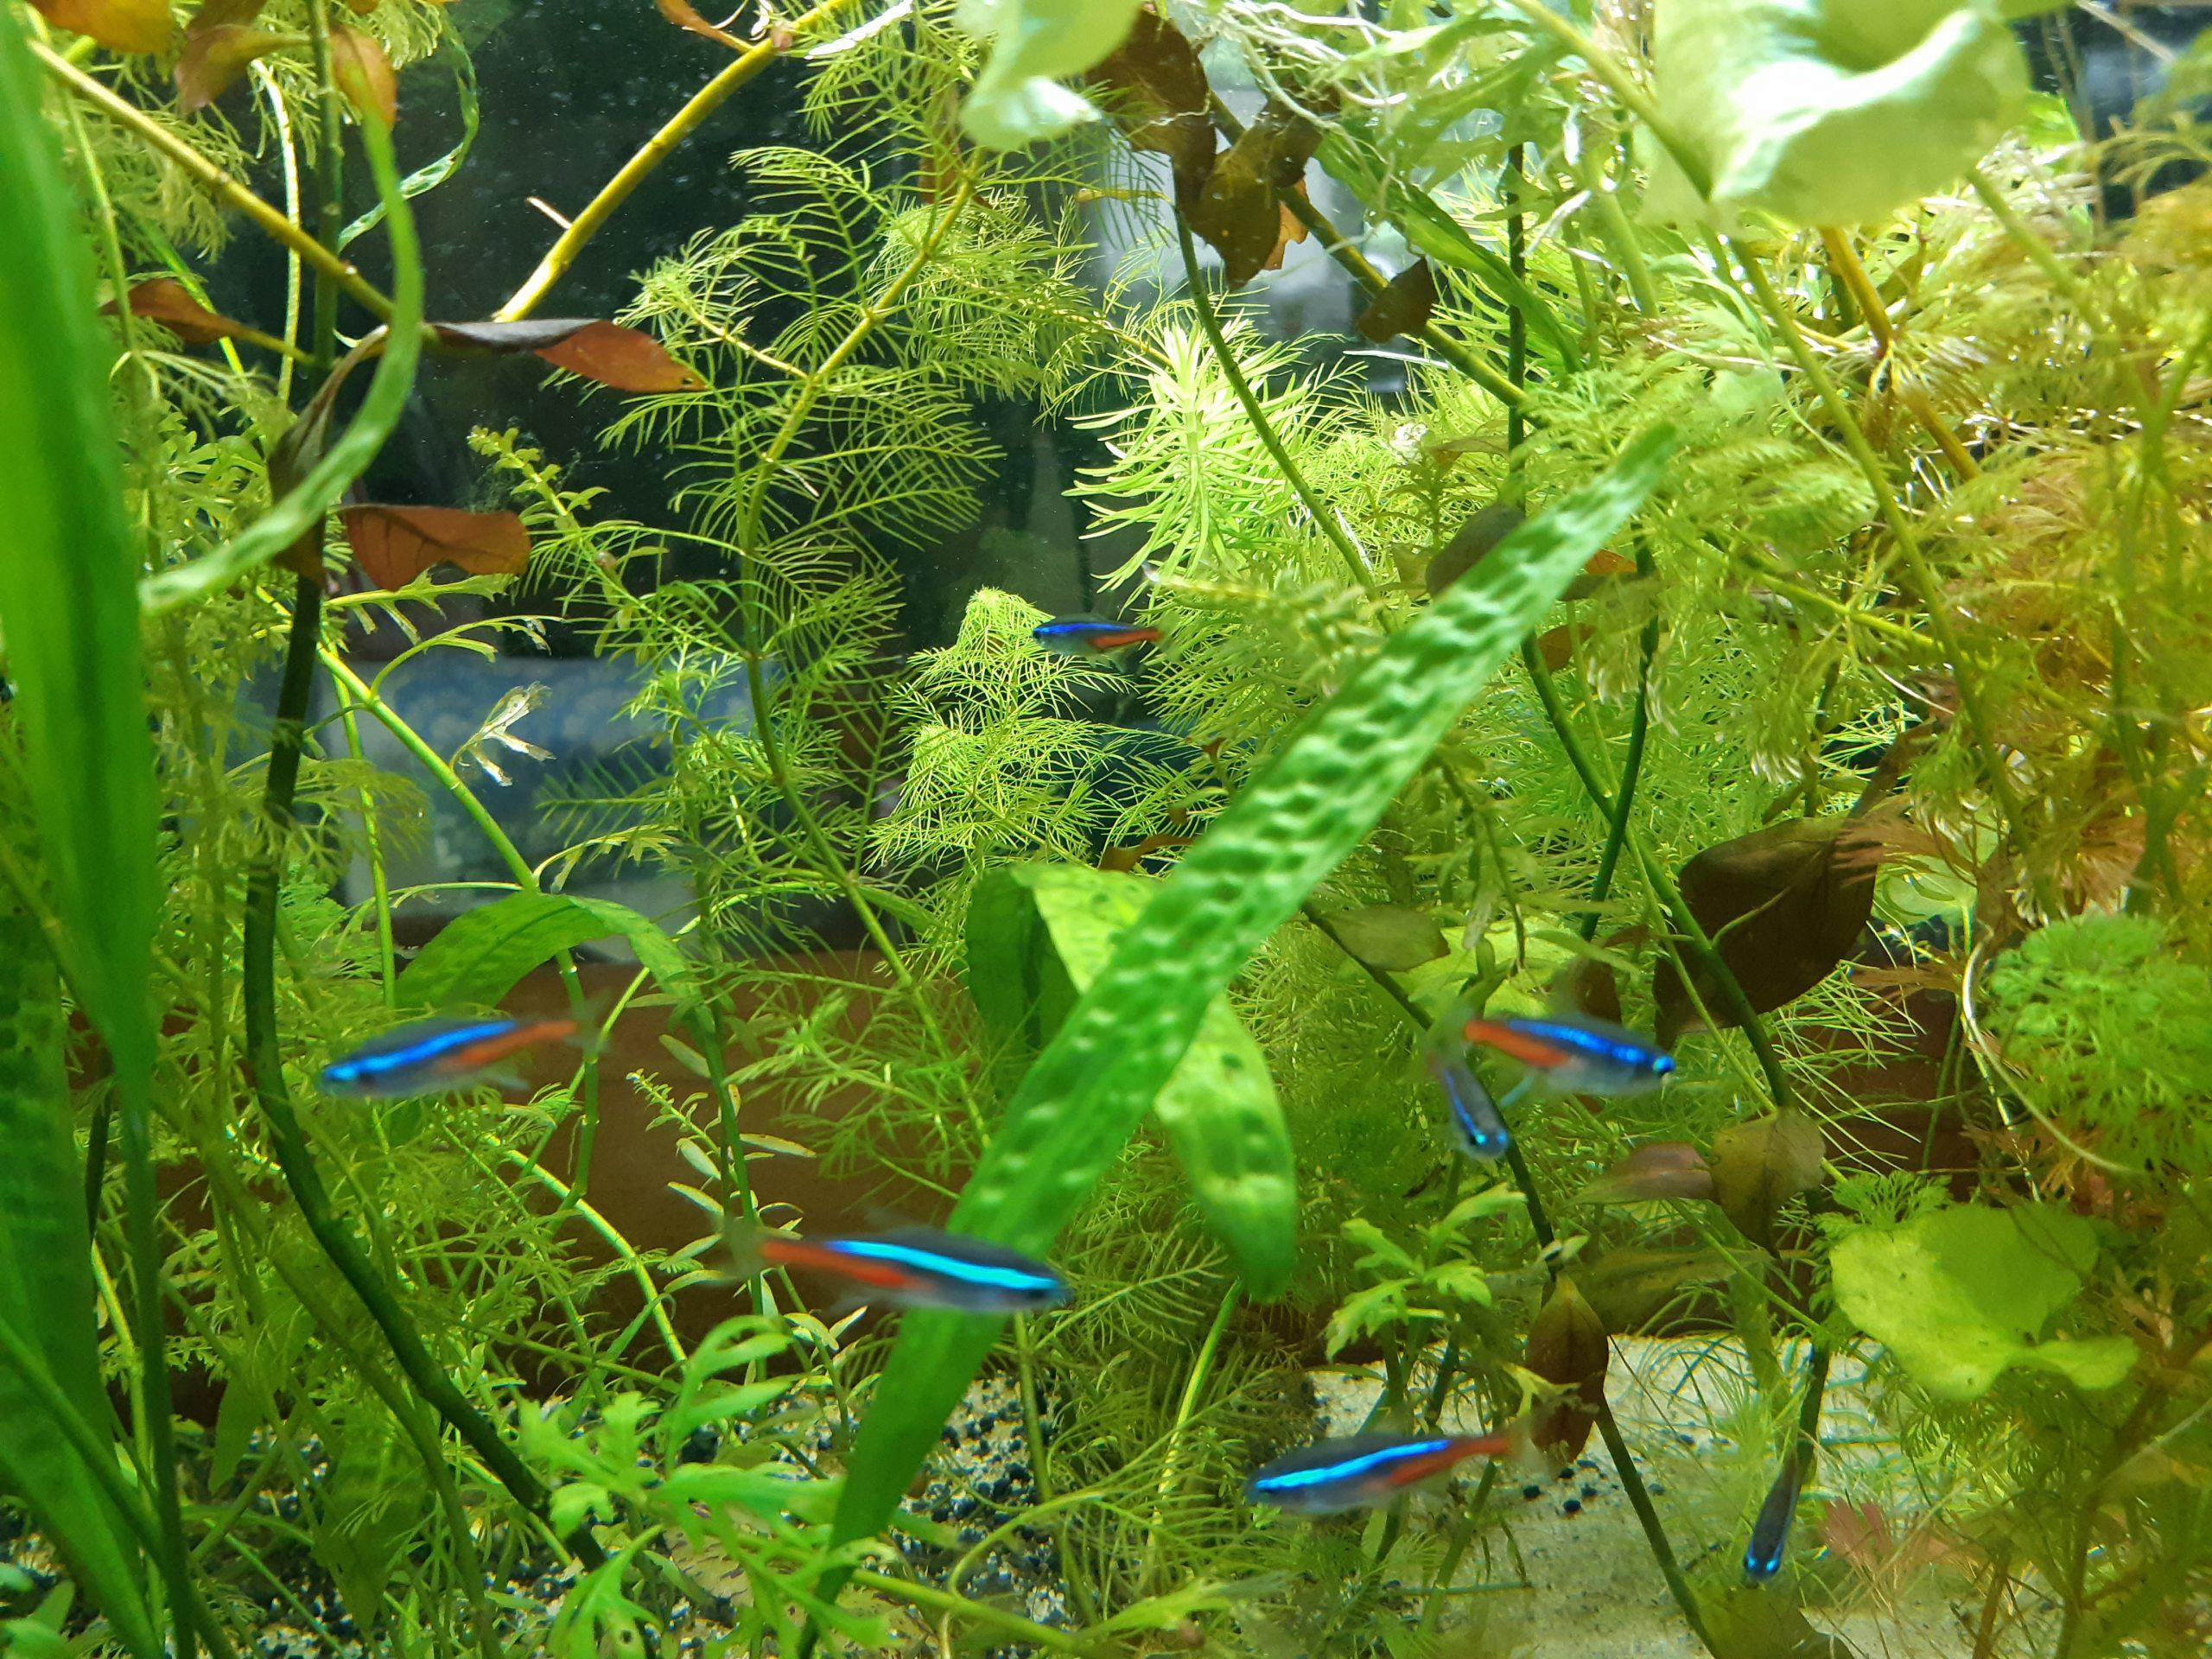 A halak a teljes nyugodság szimbólumai fotók